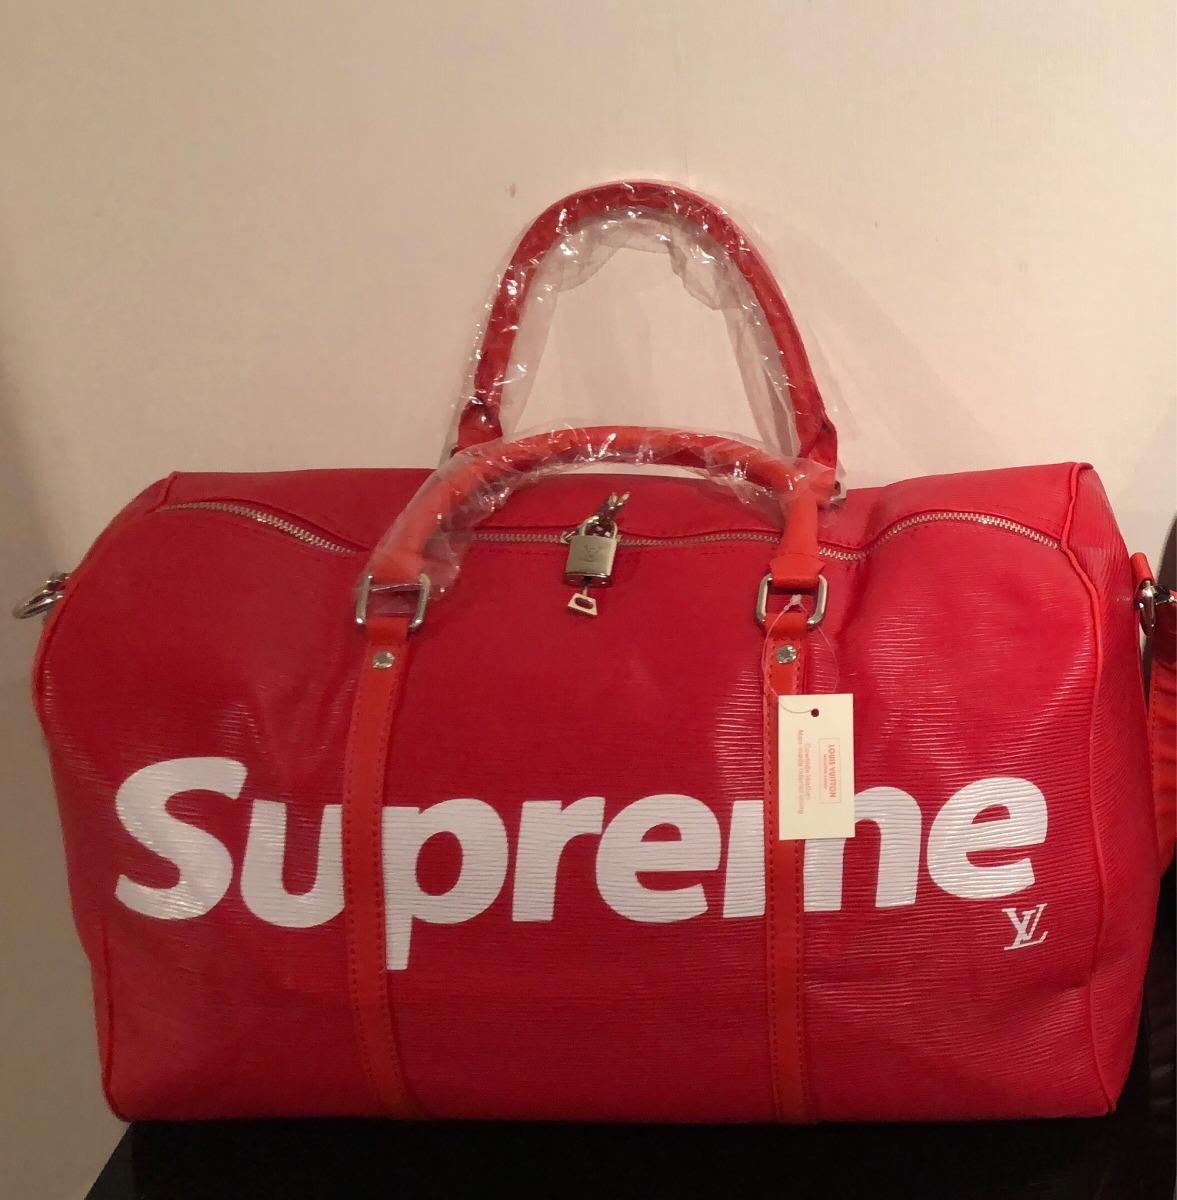 nuevo producto 924a2 9ee80 Bolso De Viaje Supreme X Louis Vuitton Con Bolsa De Tela Lv